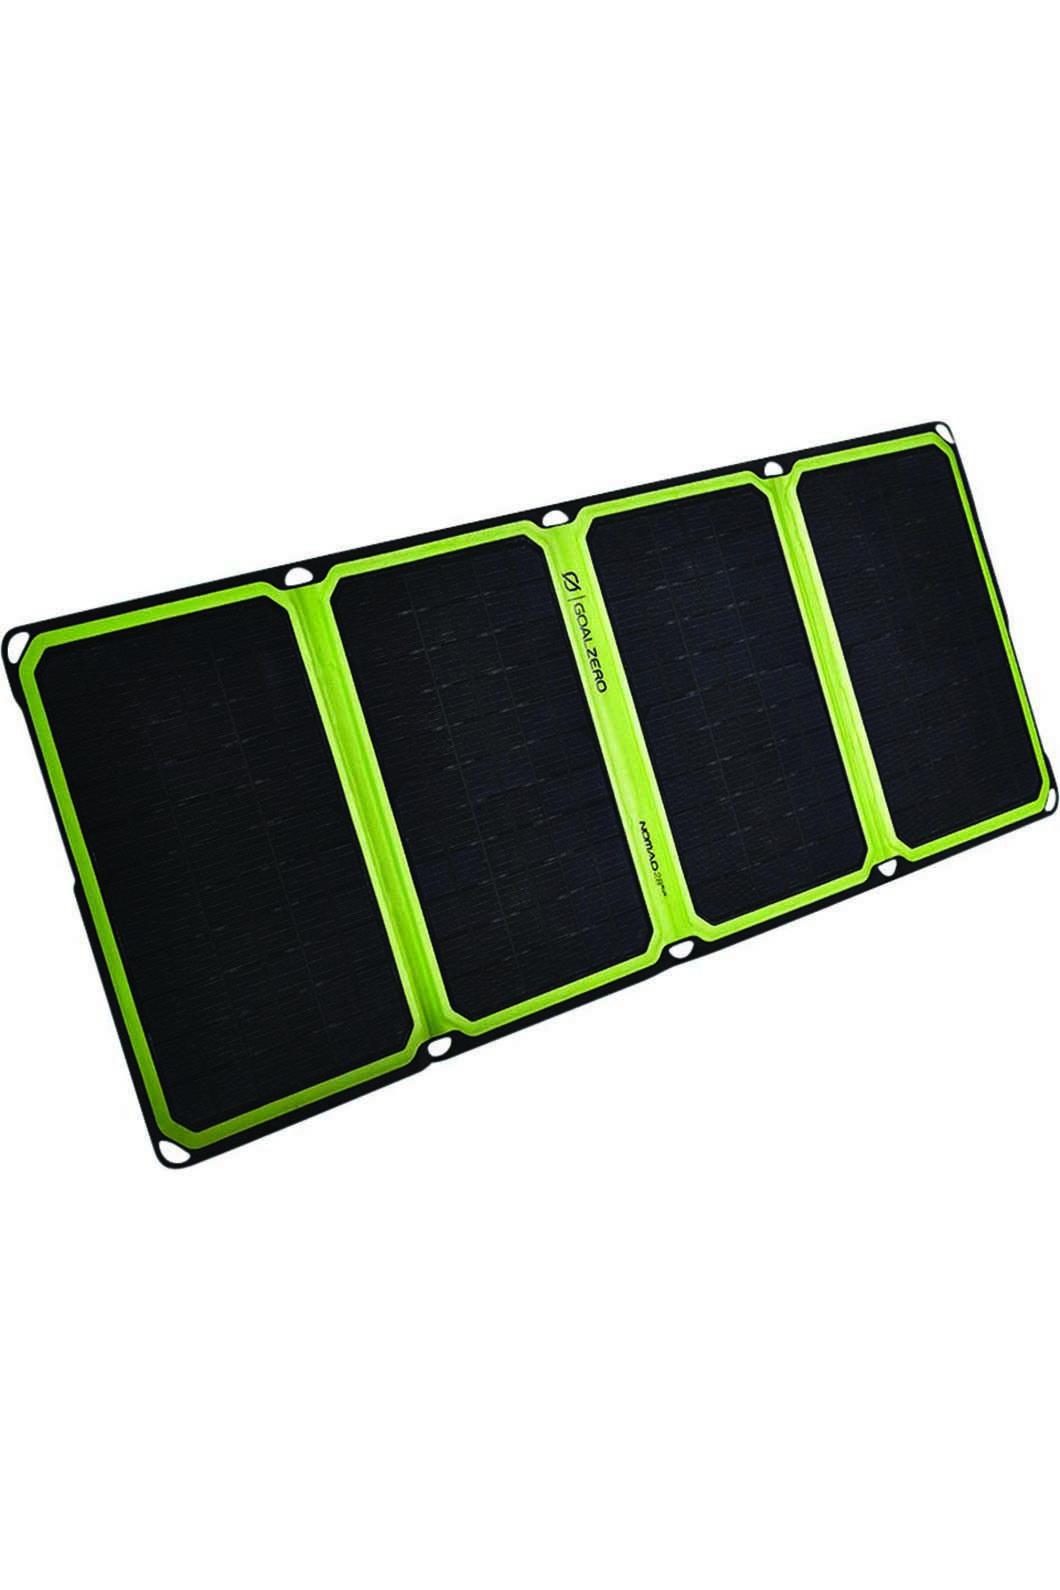 Goal Zero Nomad 28 Plus Solar Panel, None, hi-res